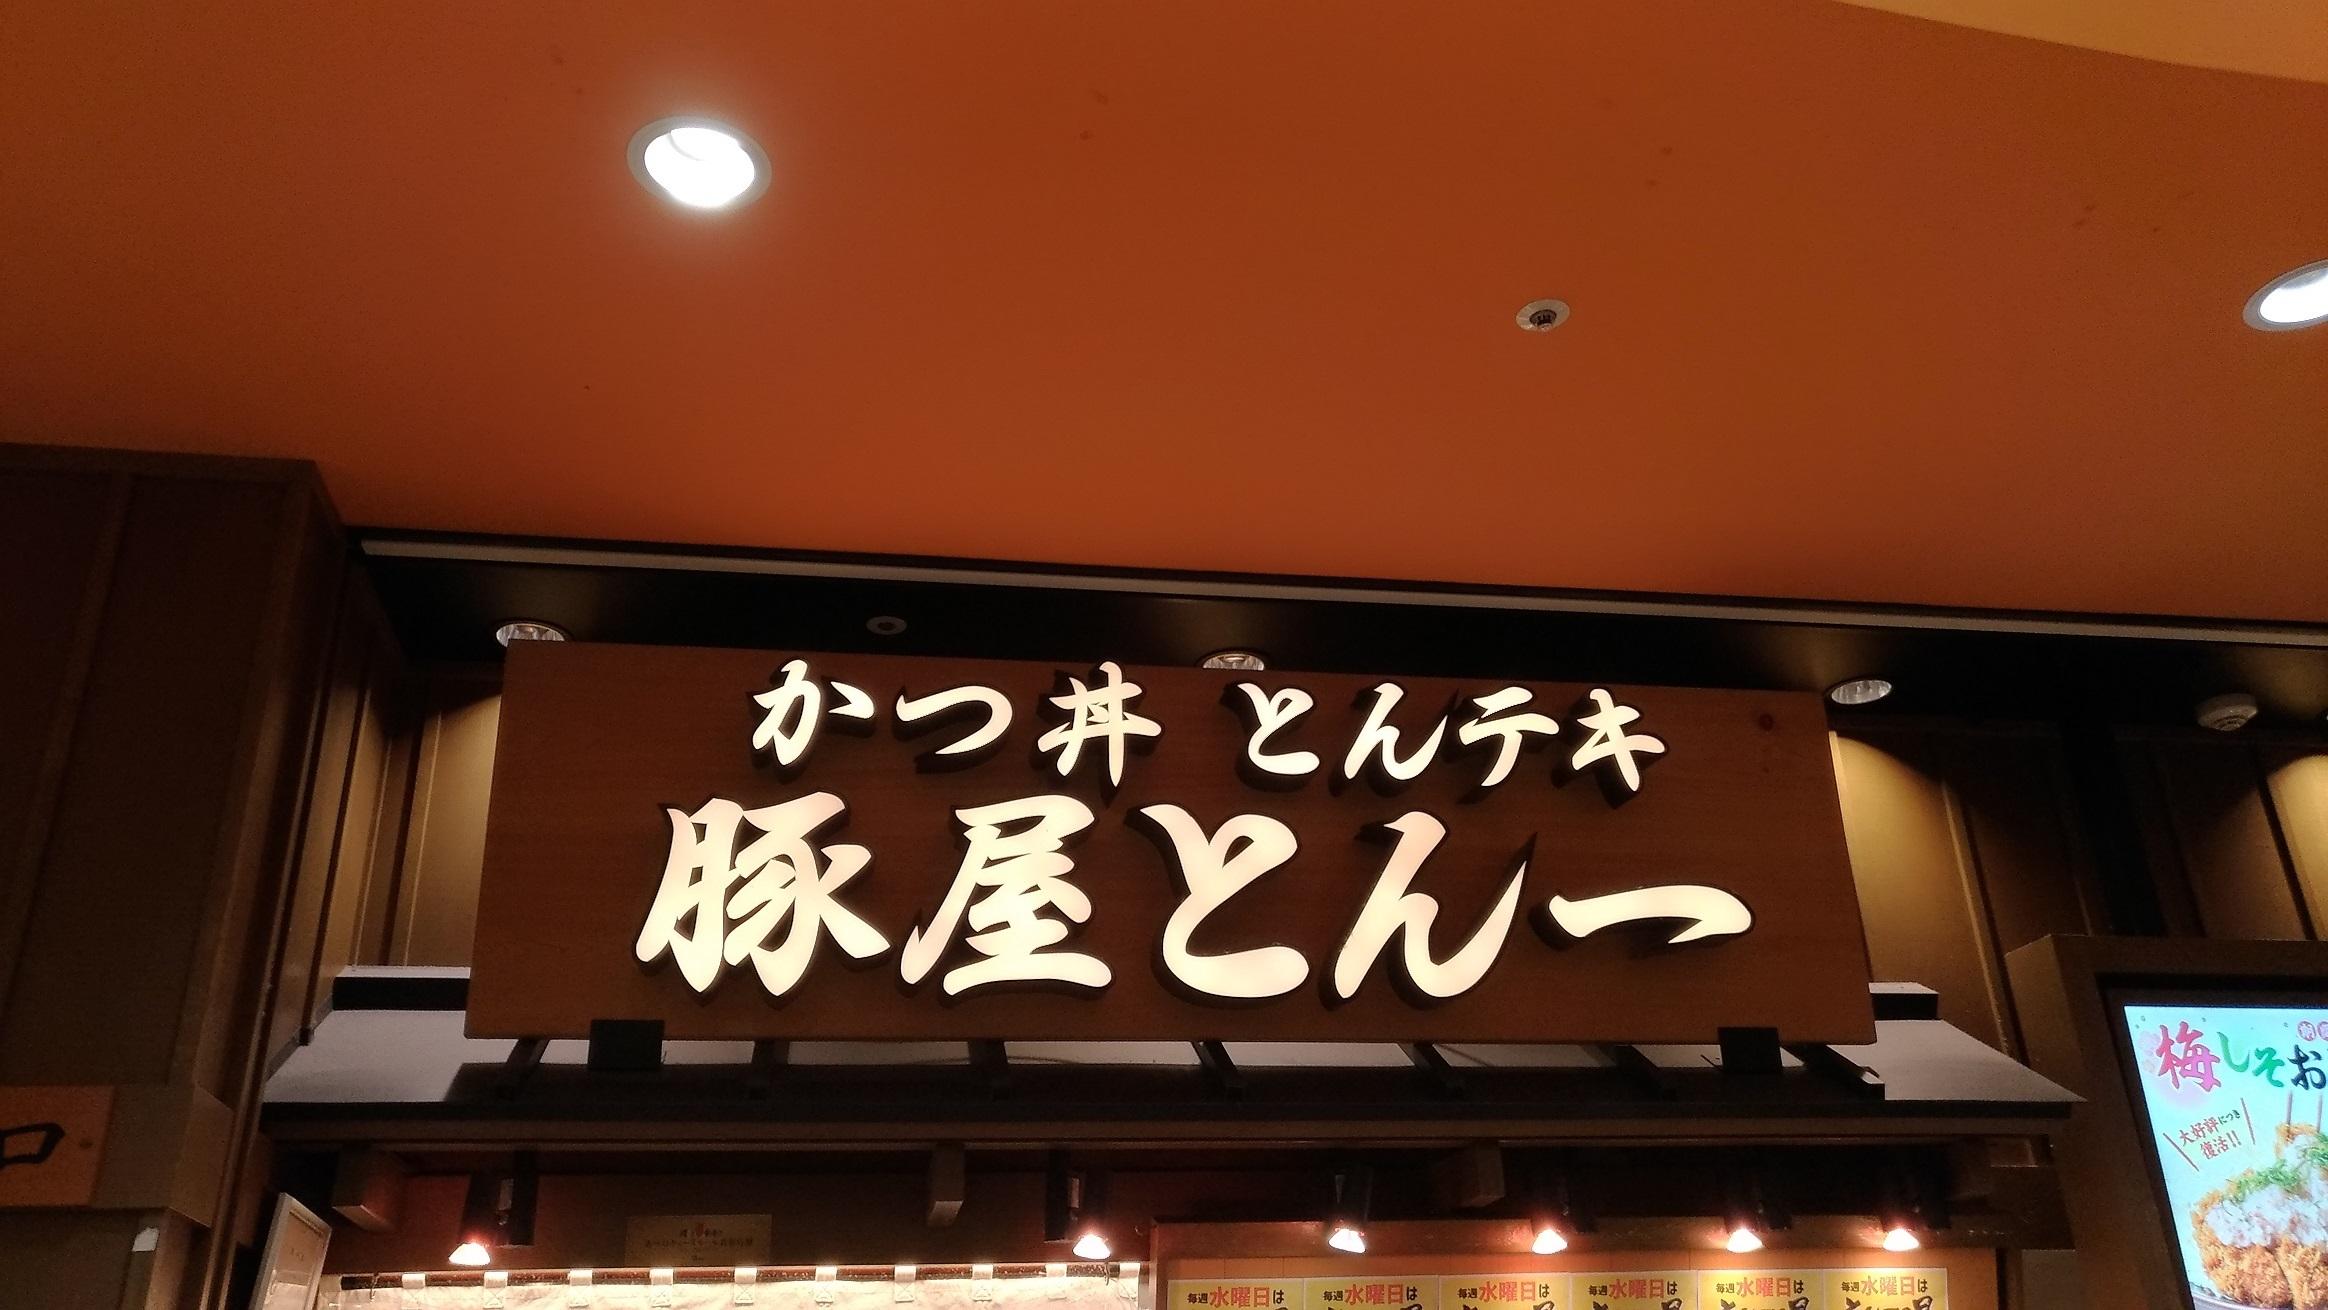 osaka_lunch_0813_chikin_1.jpg